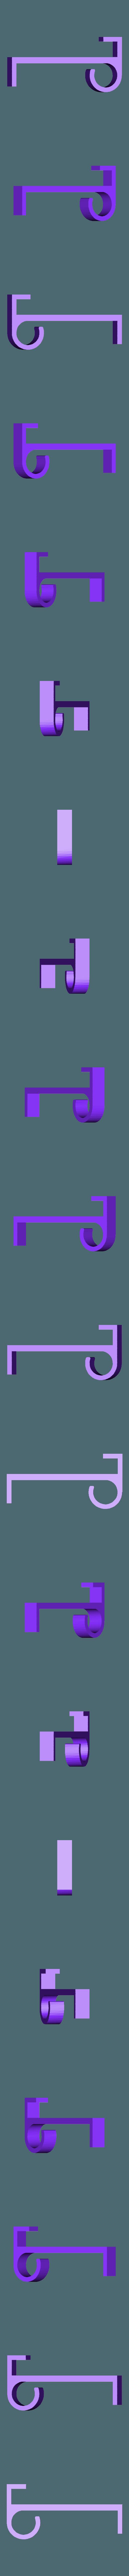 Passe cable bureau.STL Télécharger fichier STL gratuit Passe cable • Modèle à imprimer en 3D, Cody_30